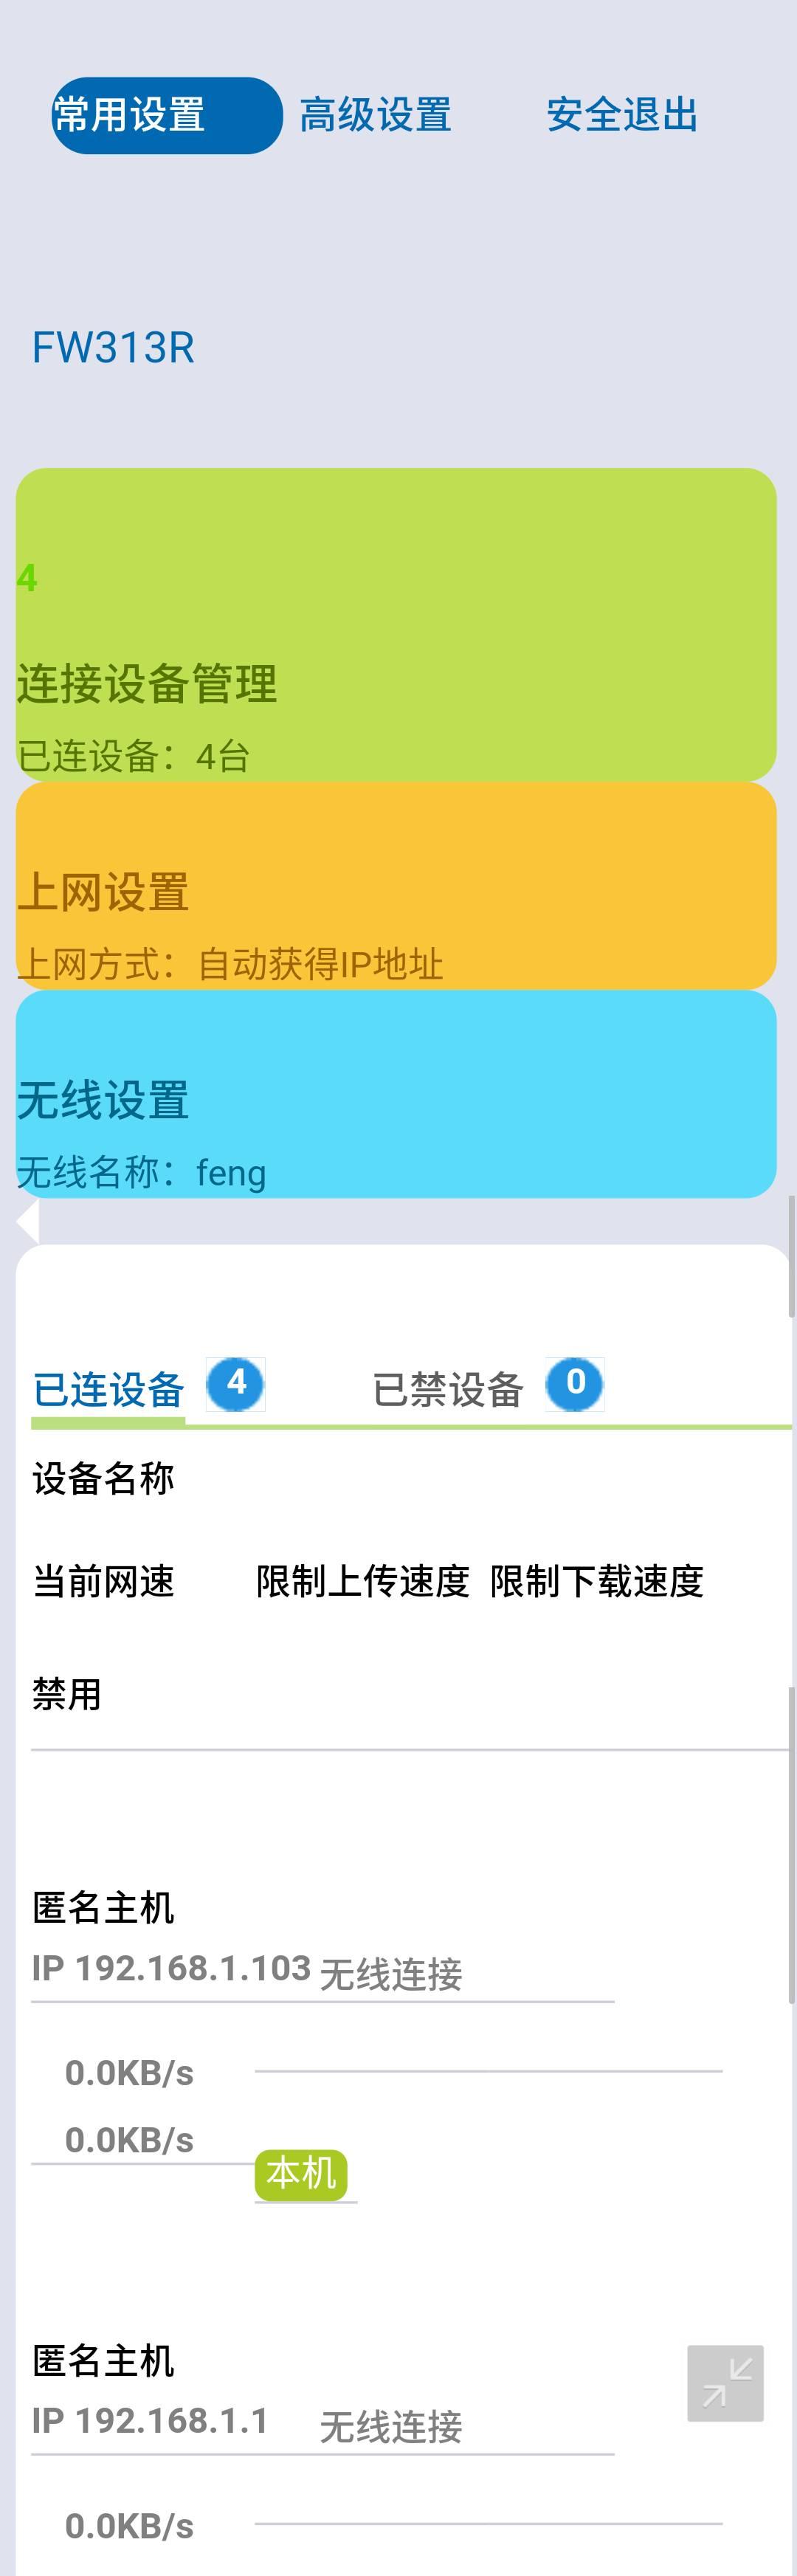 Screenshot_2018-08-12-22-36-30_compress.png